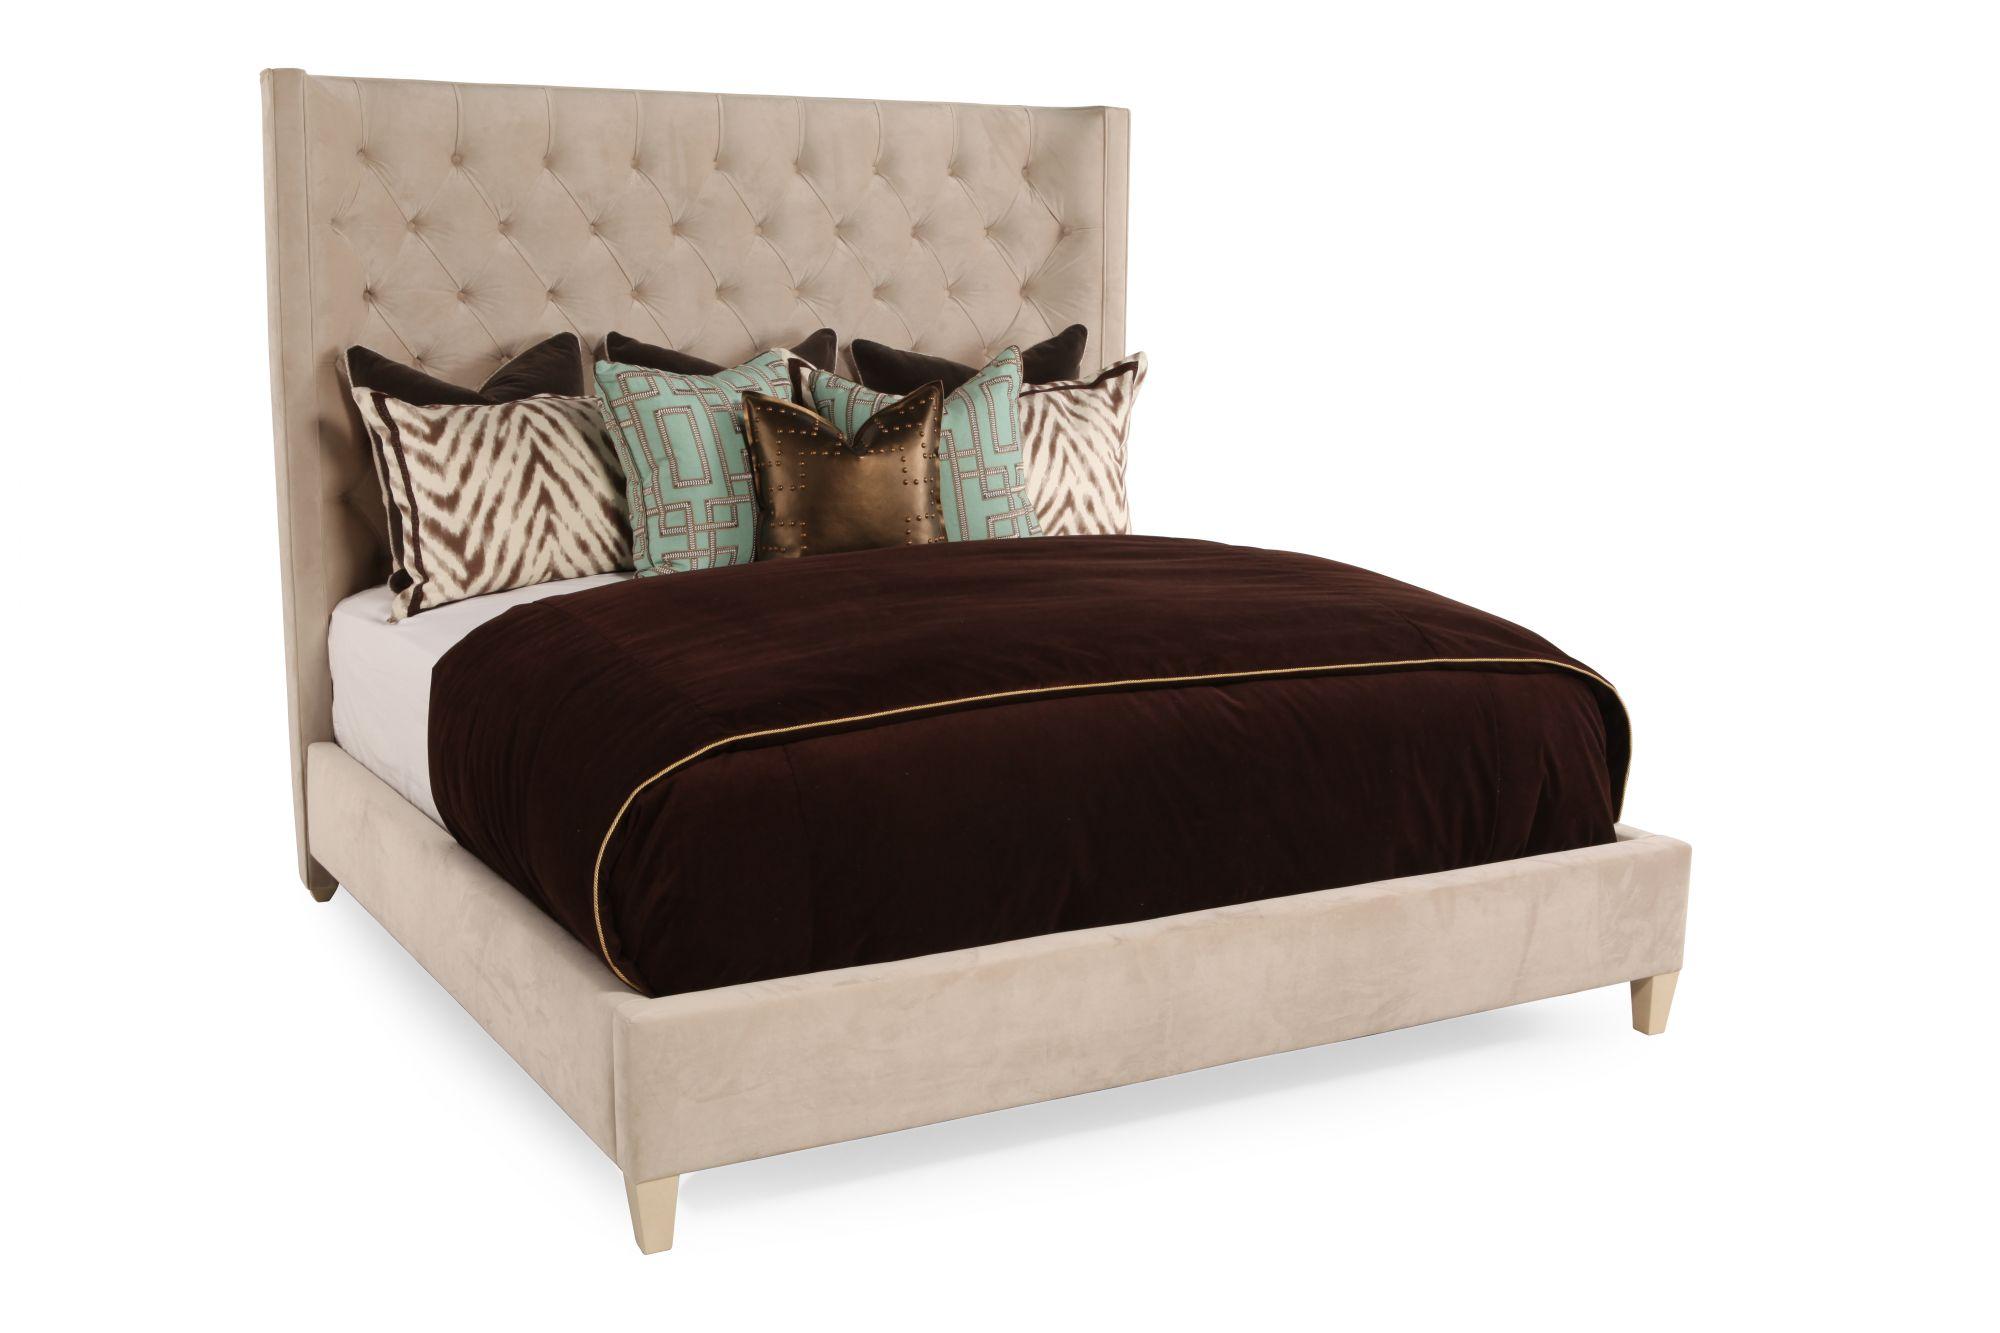 Bernhardt salon california king upholstered bed mathis for Bedroom furniture upholstered beds